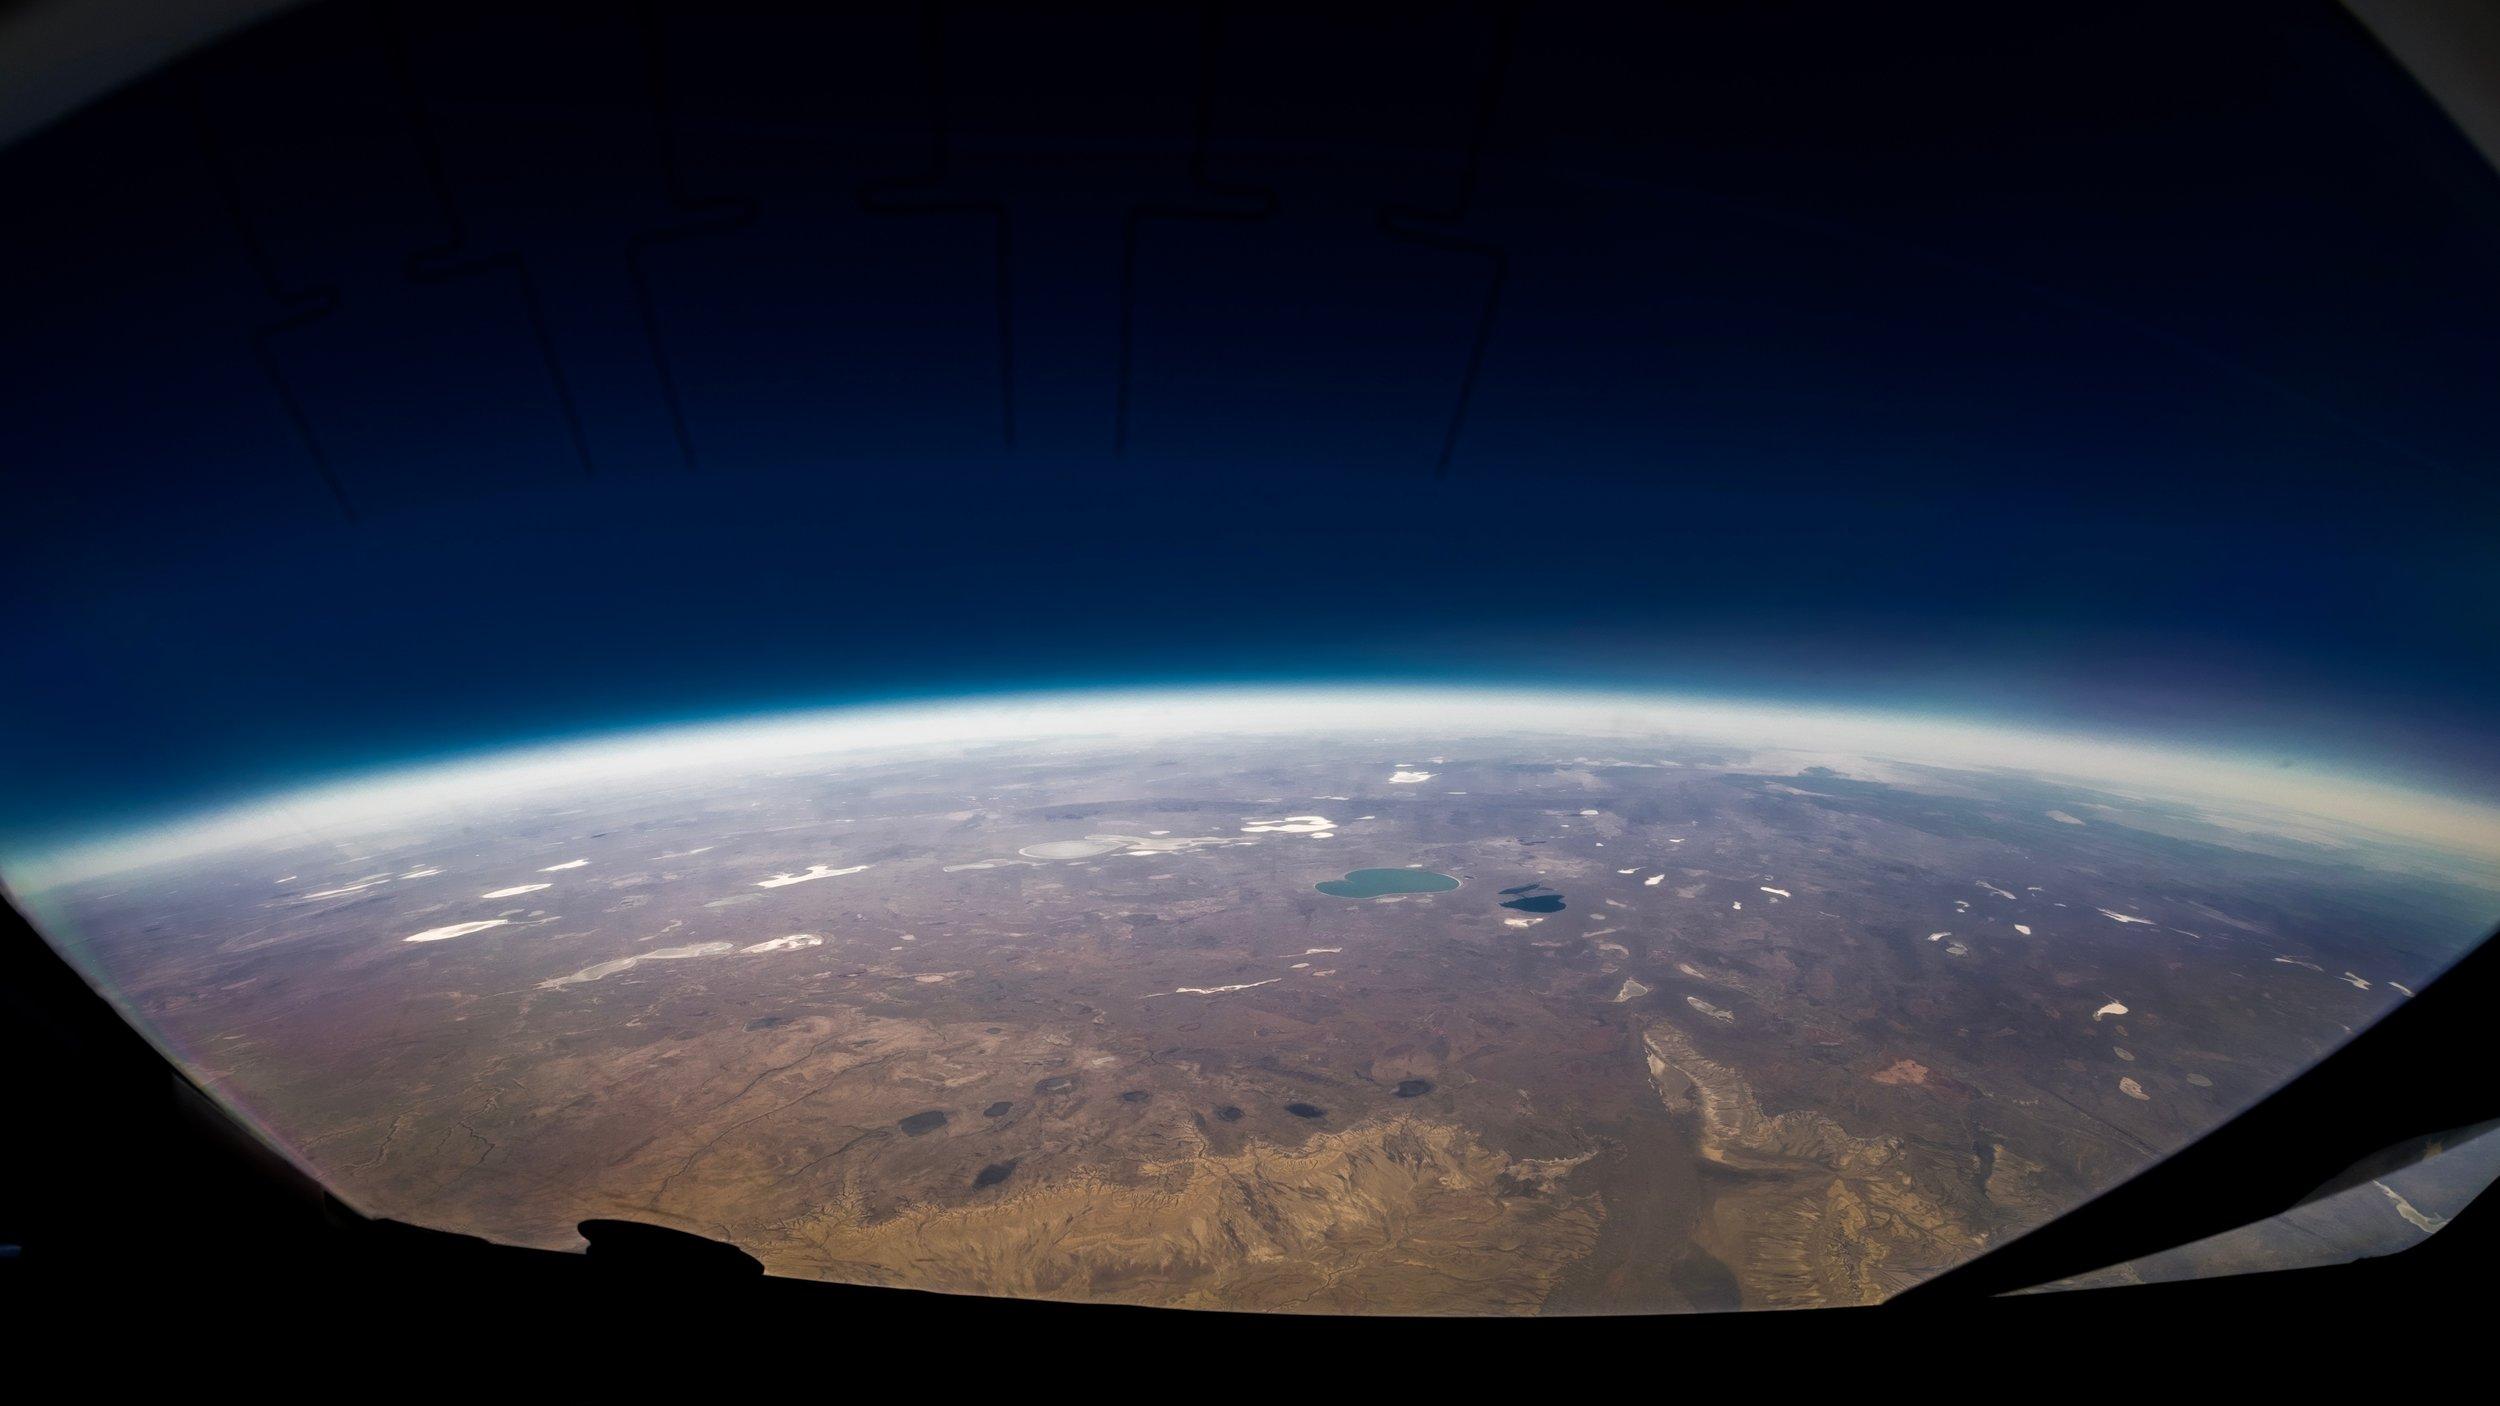 CIENCIA Y TECNOLOGÍA - La industria espacial motor para impulsar el desarrollo tecnológico global.